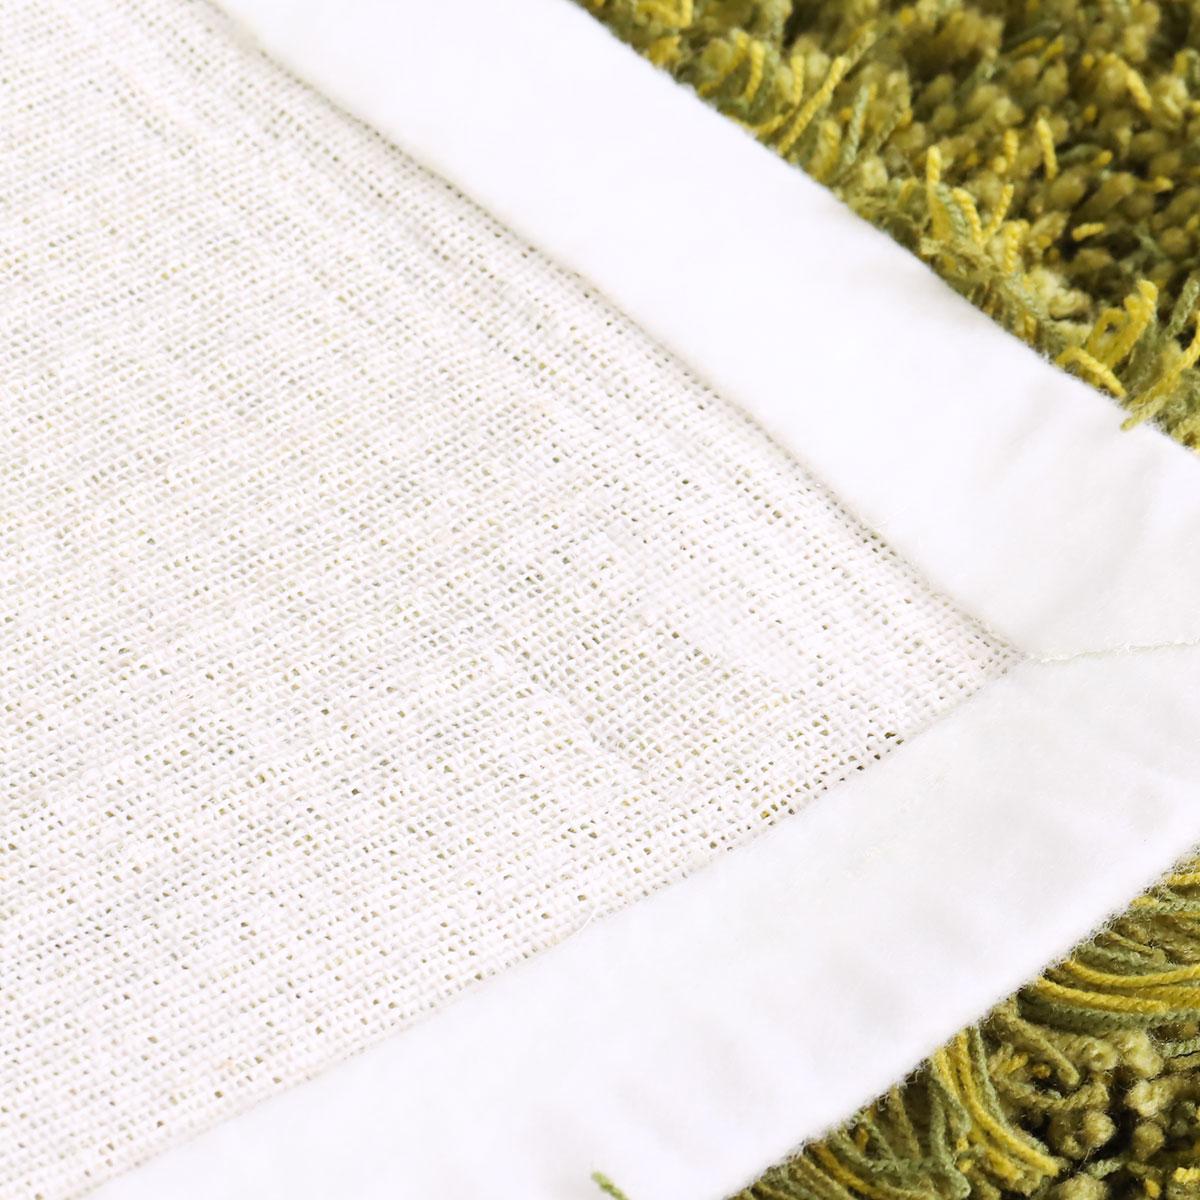 裏面は綿布貼り。ホットカーペット・床暖房対応。